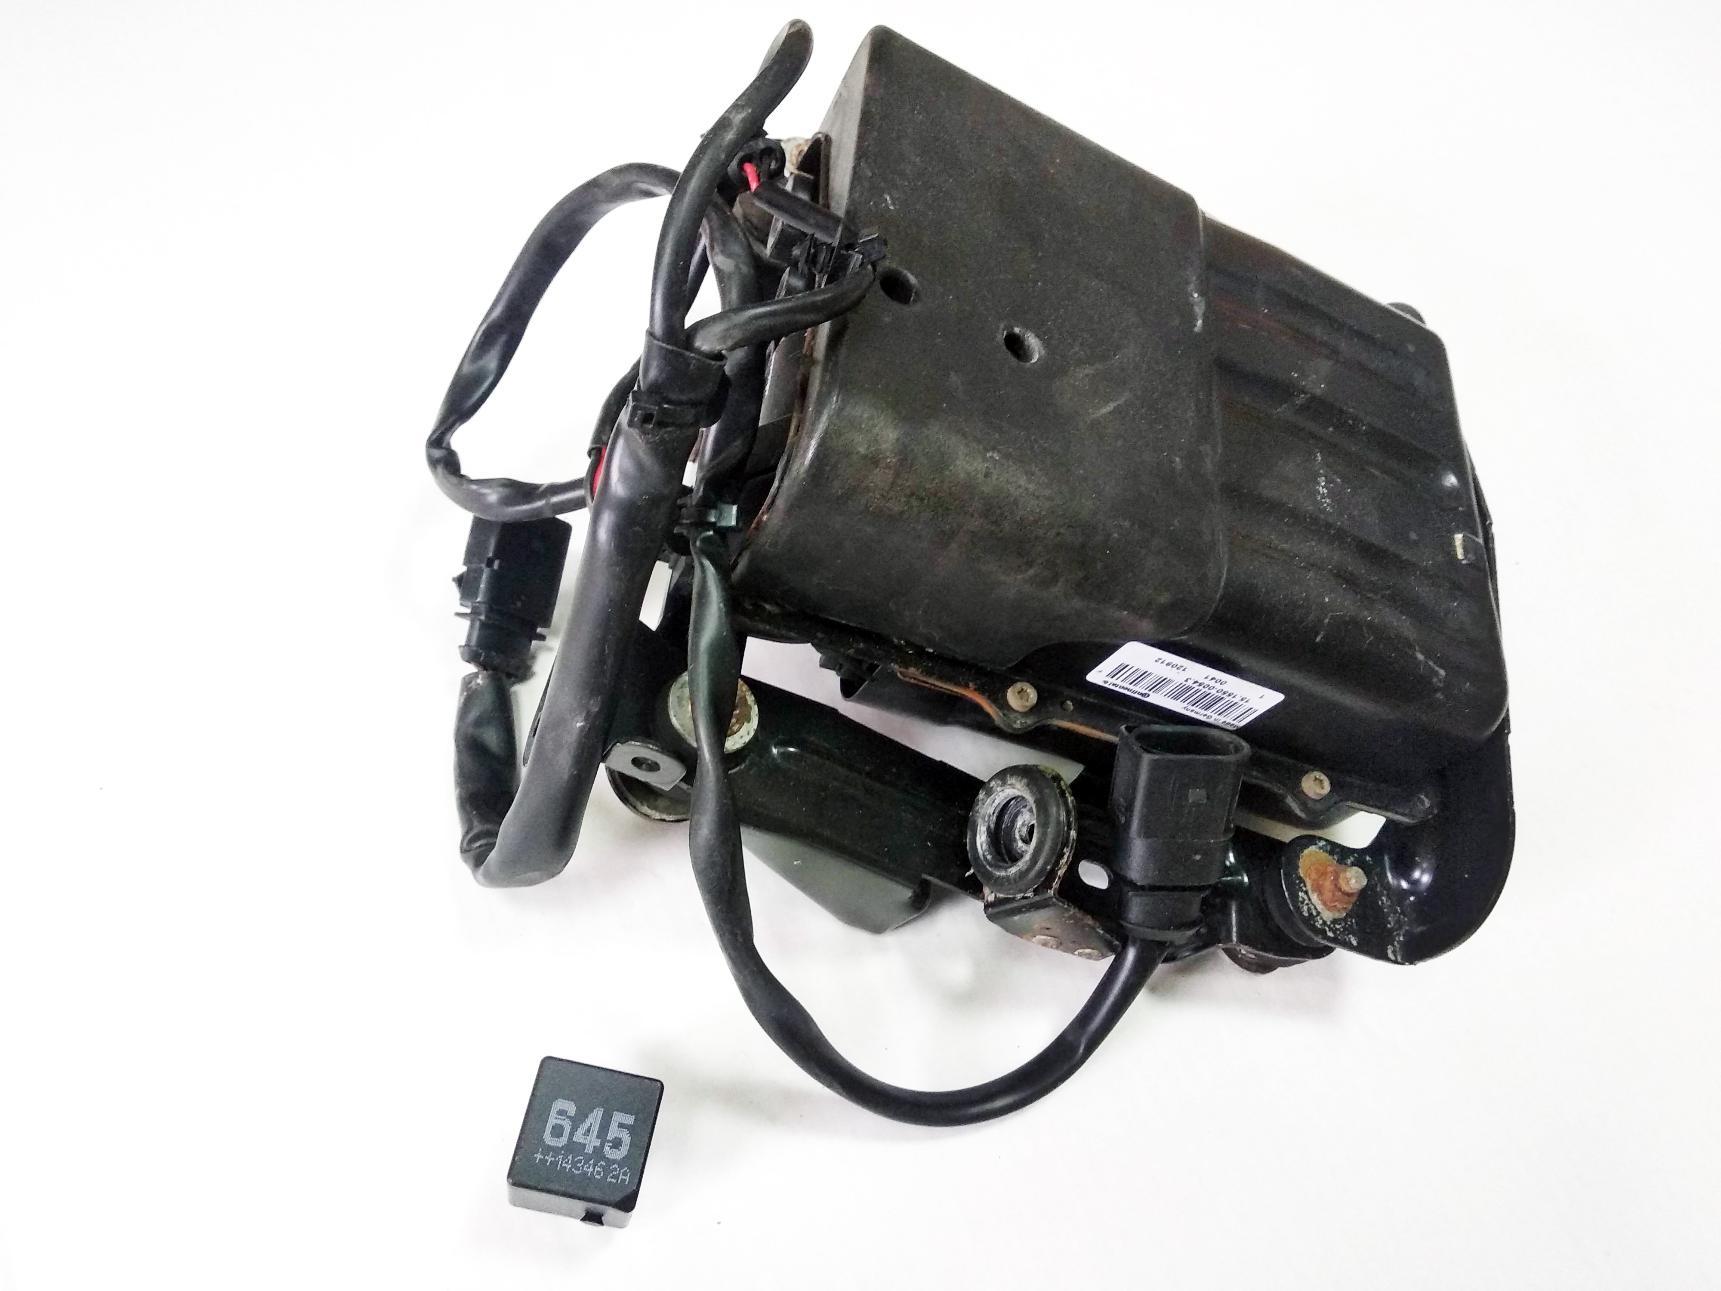 картинка Оригинальный восстановленный компрессор пневмоподвески Continental для Porsche Panamera 970 (97035815107) от магазина пневмоподвески ПневмоМаркет